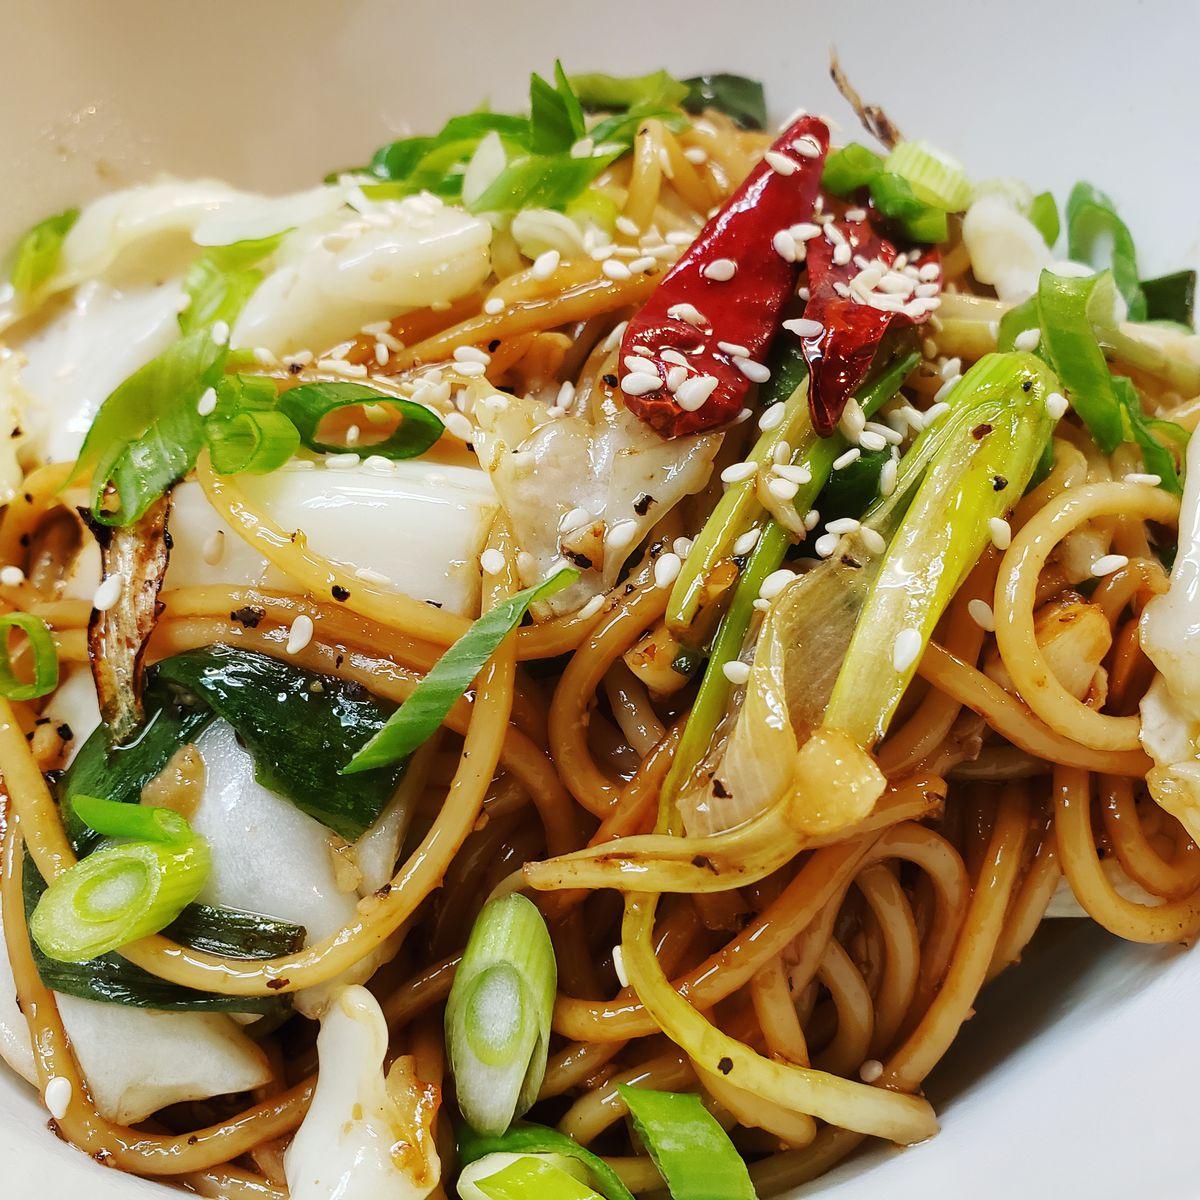 A closeup of sesame noodles at Zheng Cafe.